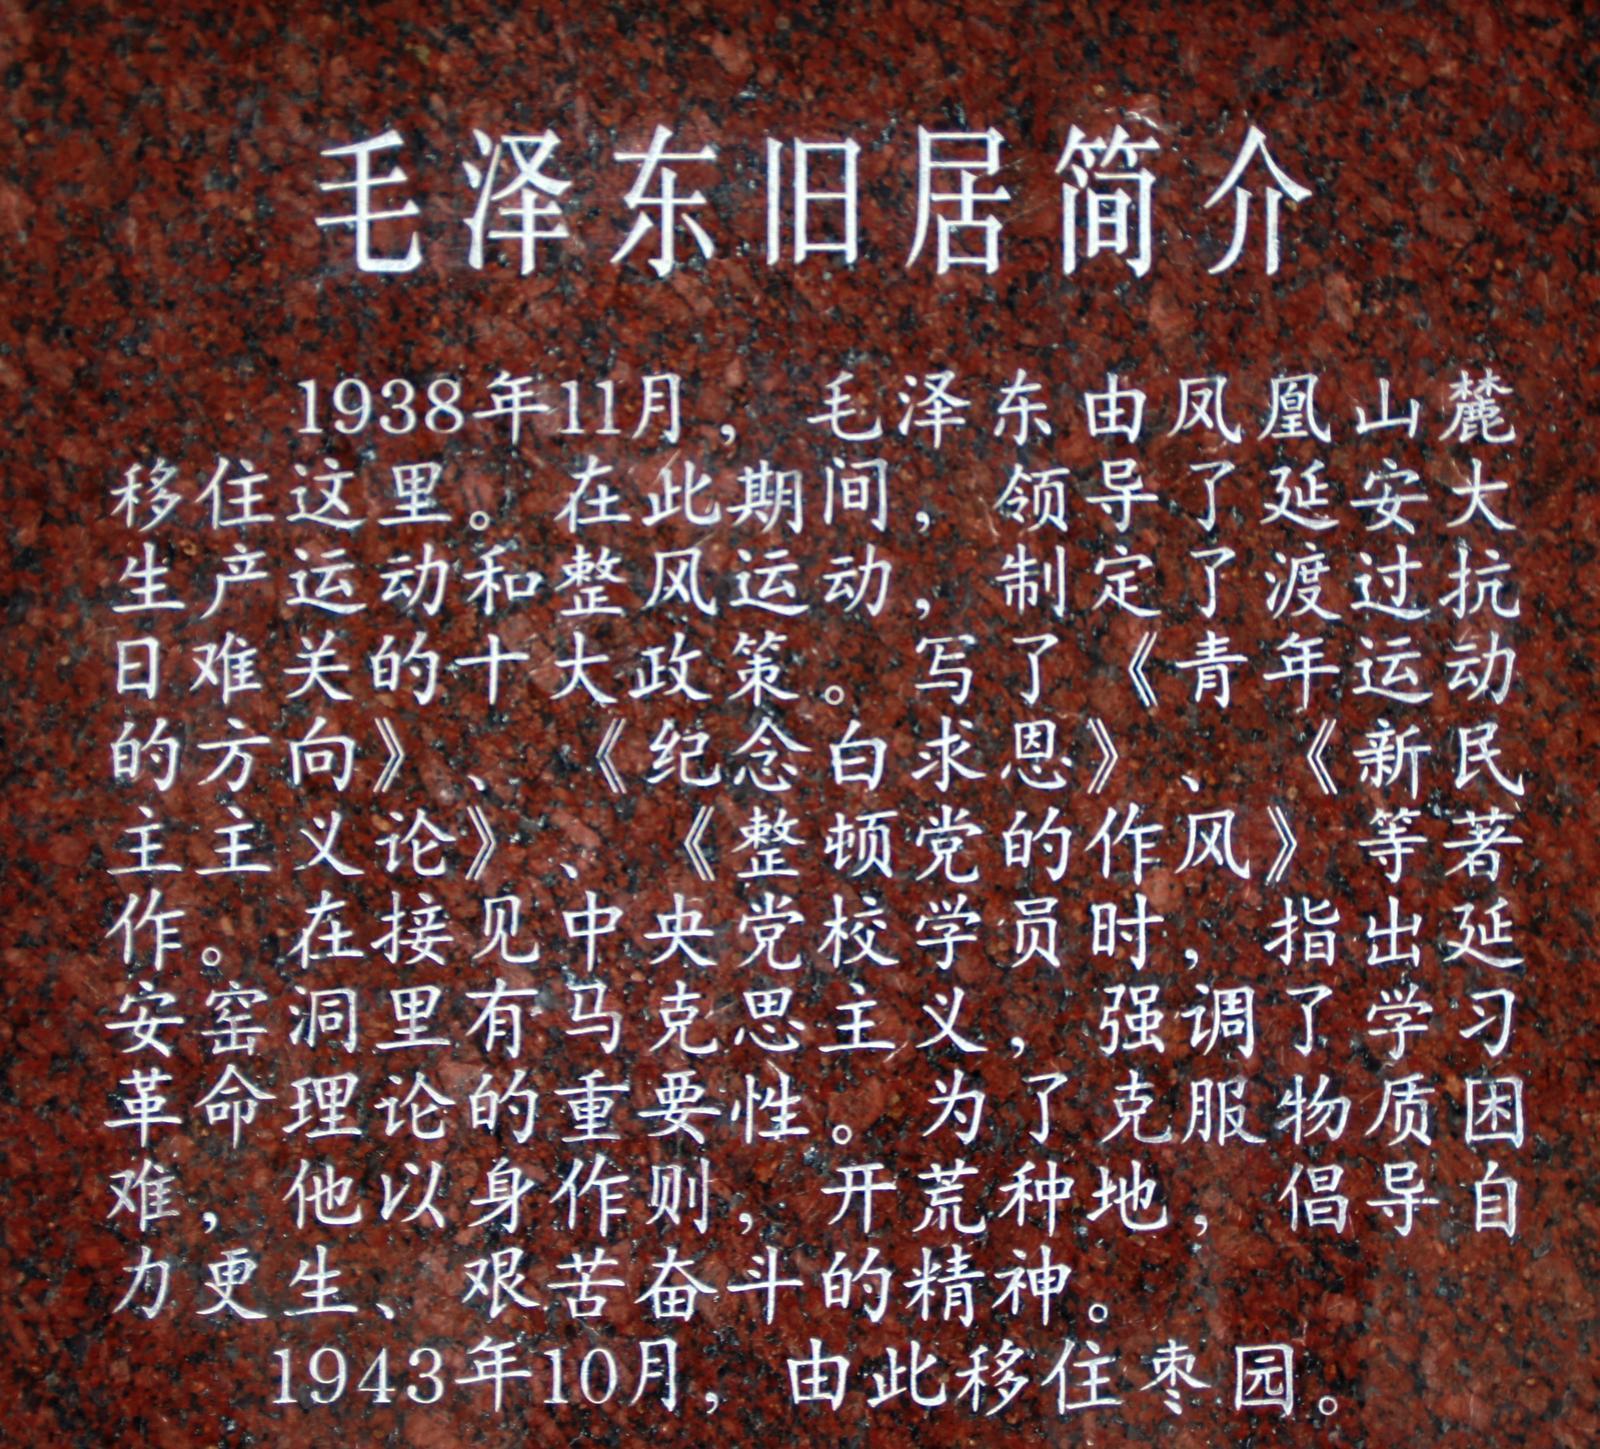 延安杨家岭革命胜地-毛泽东旧居-简介-31-1600.jpg